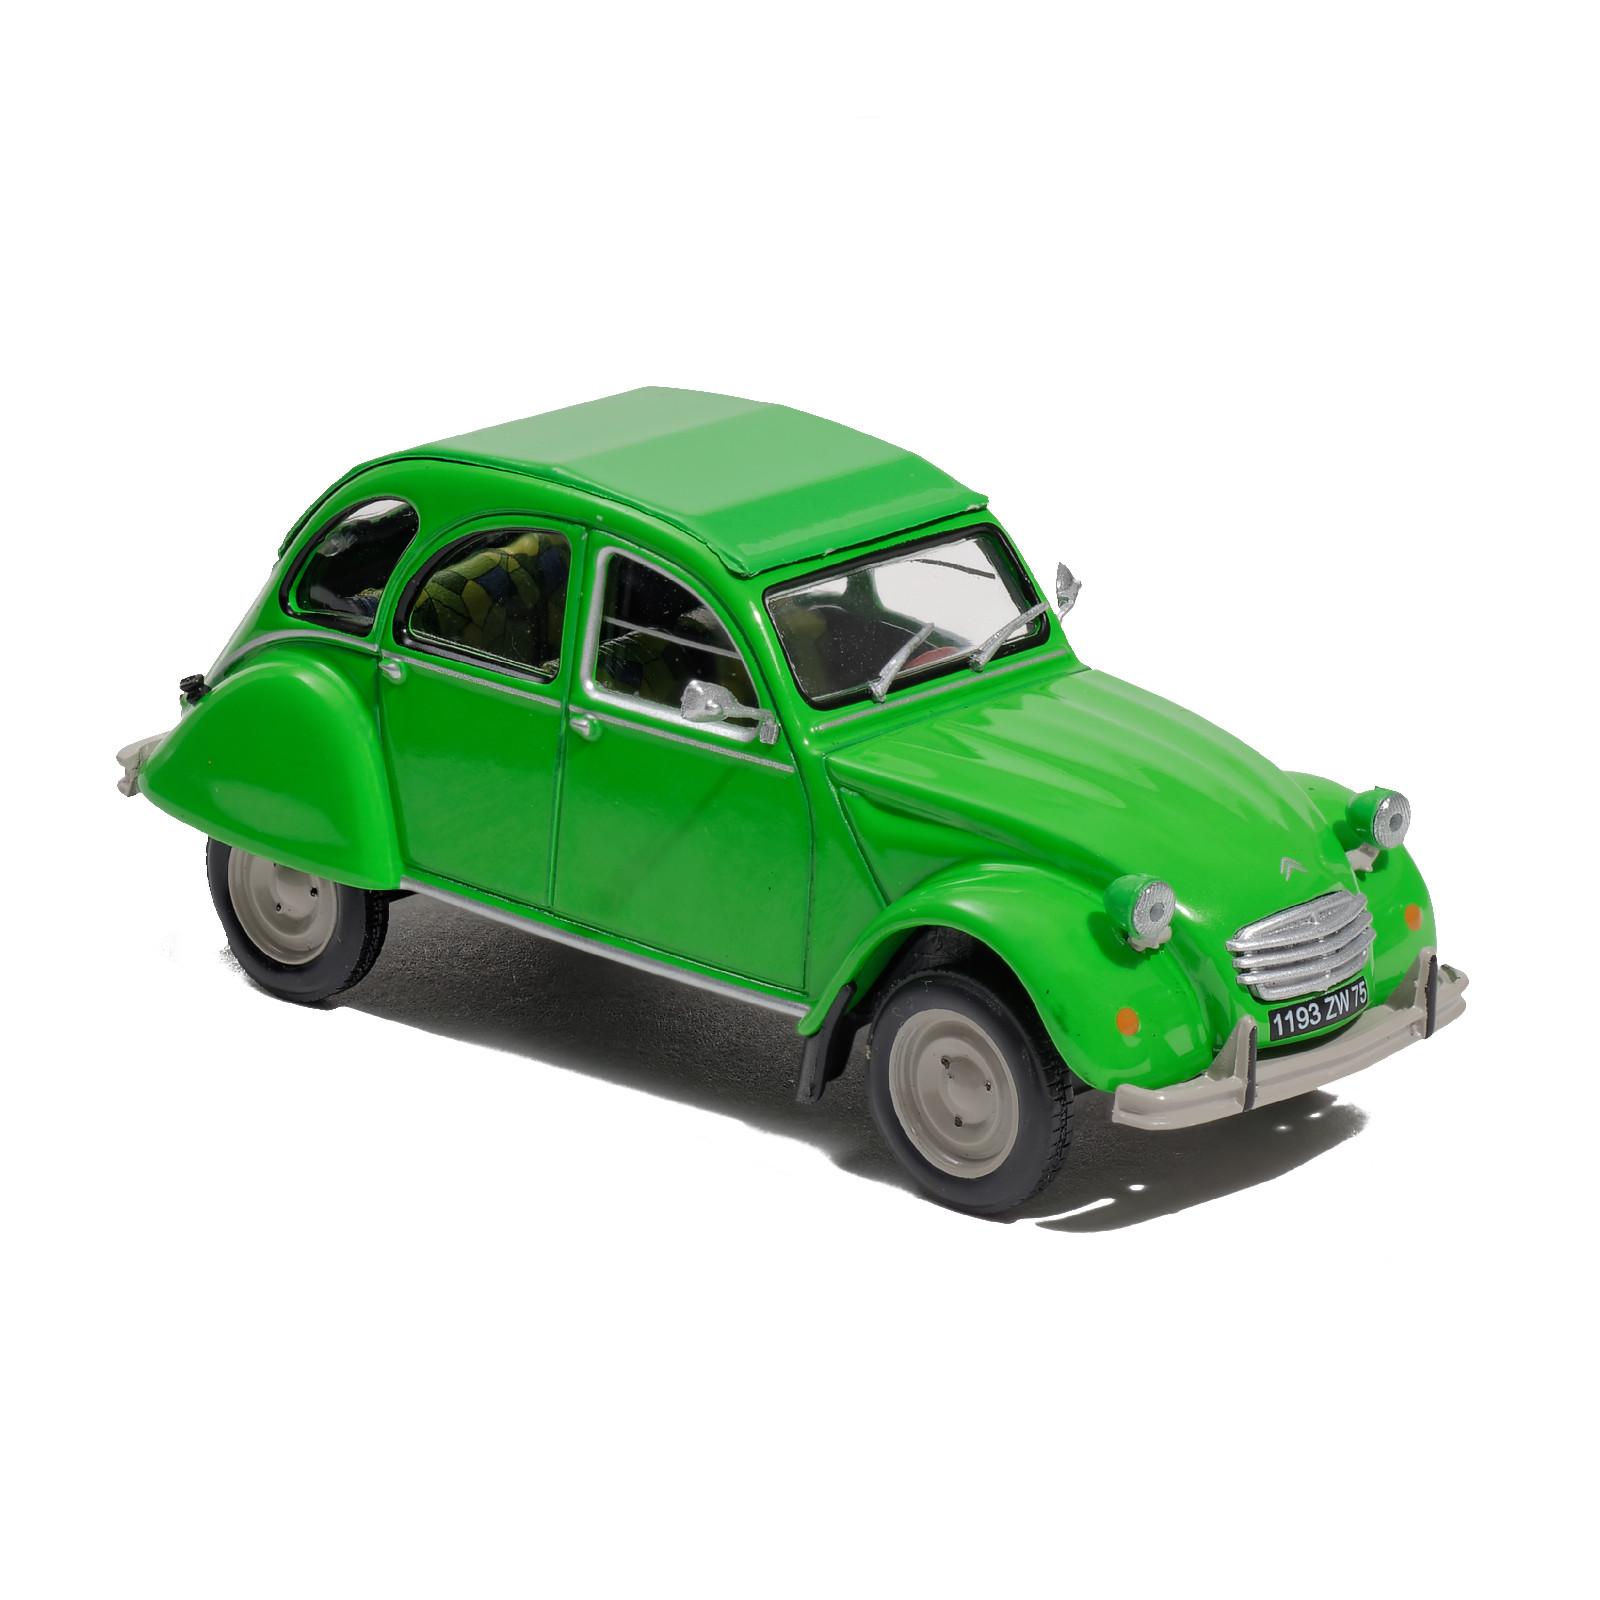 porte voitures miniature transports dagobert sm10 saviem